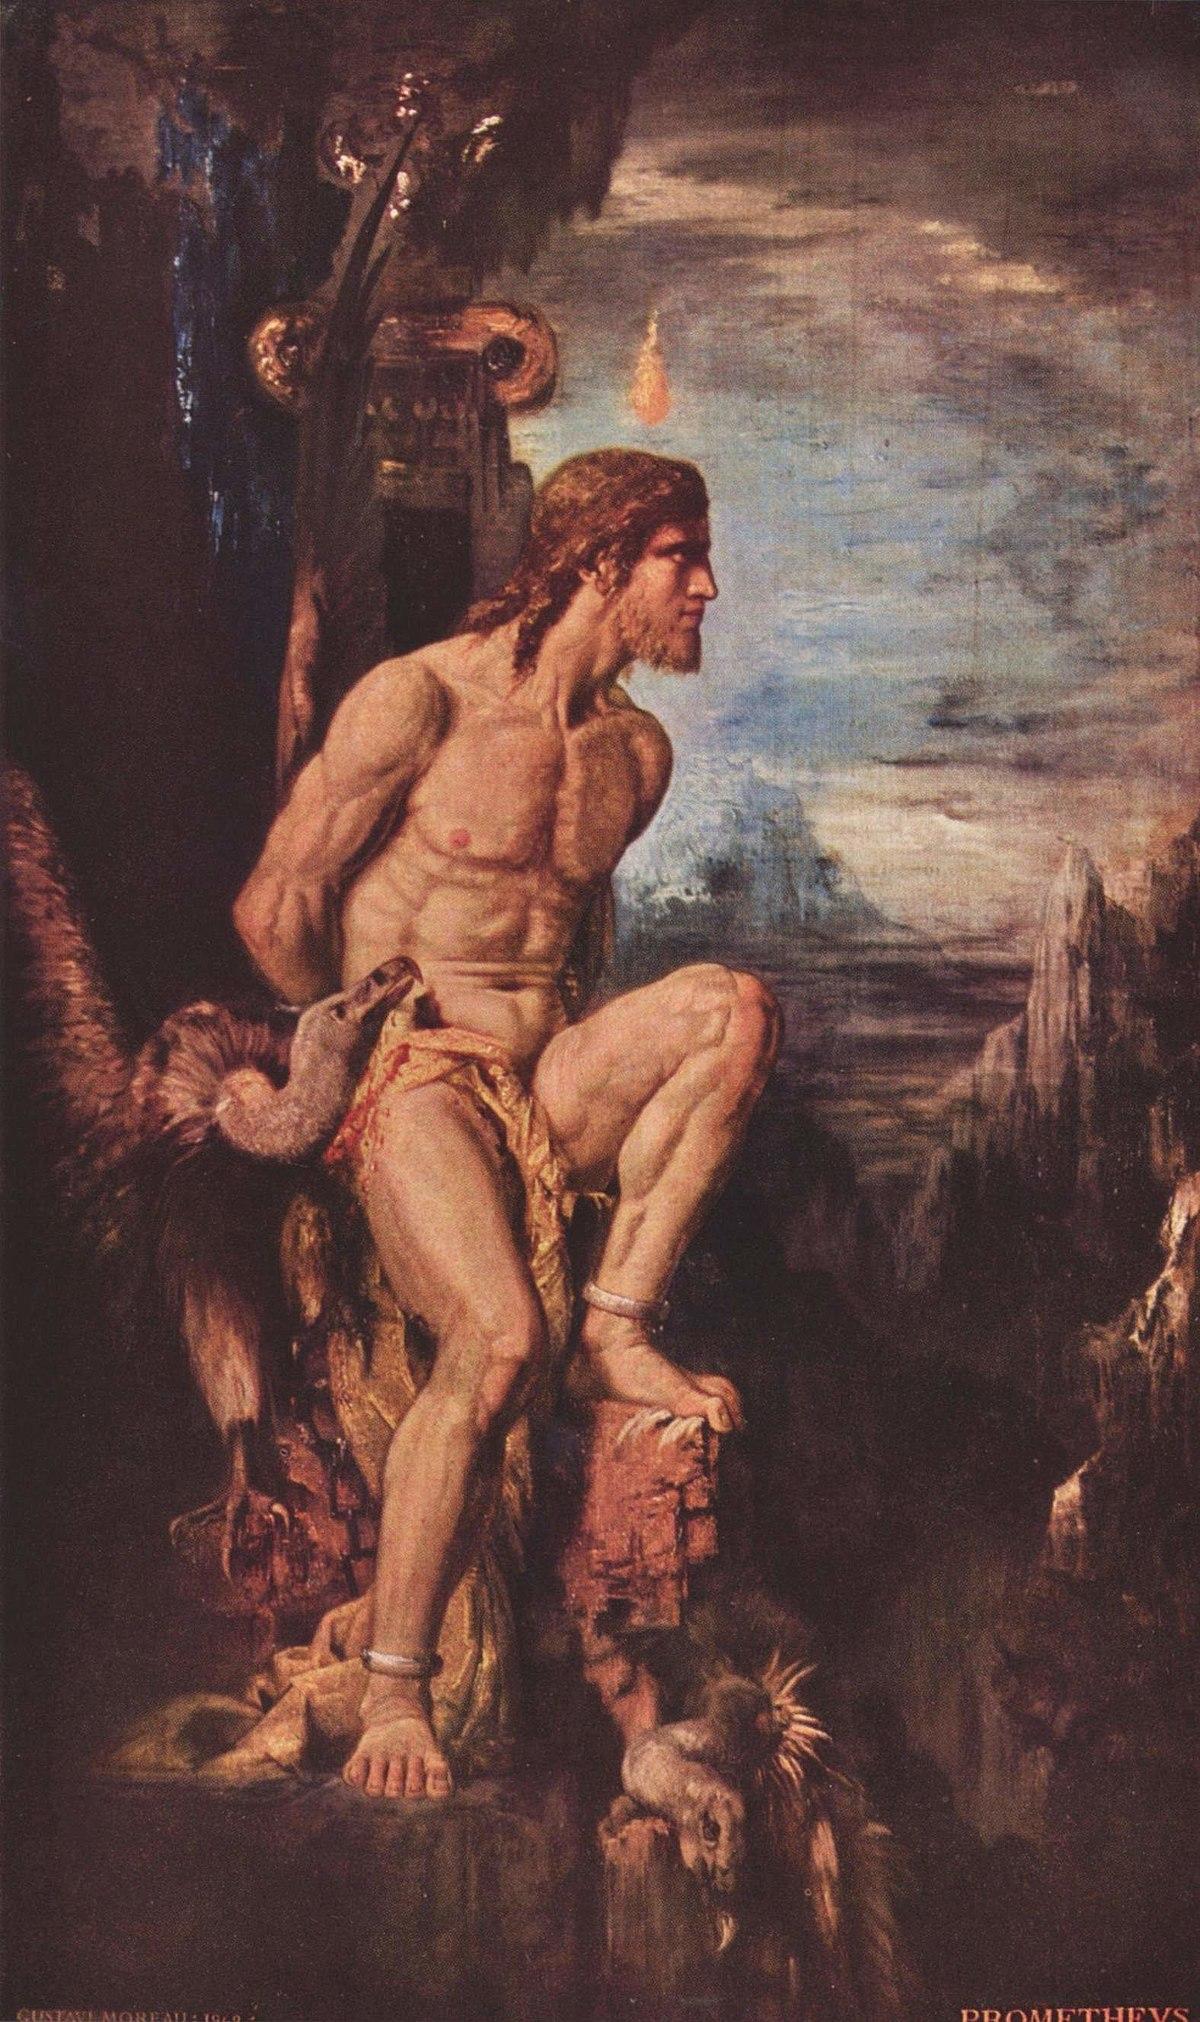 علم الأساطير - ويكيبيديا، الموسوعة الحرة